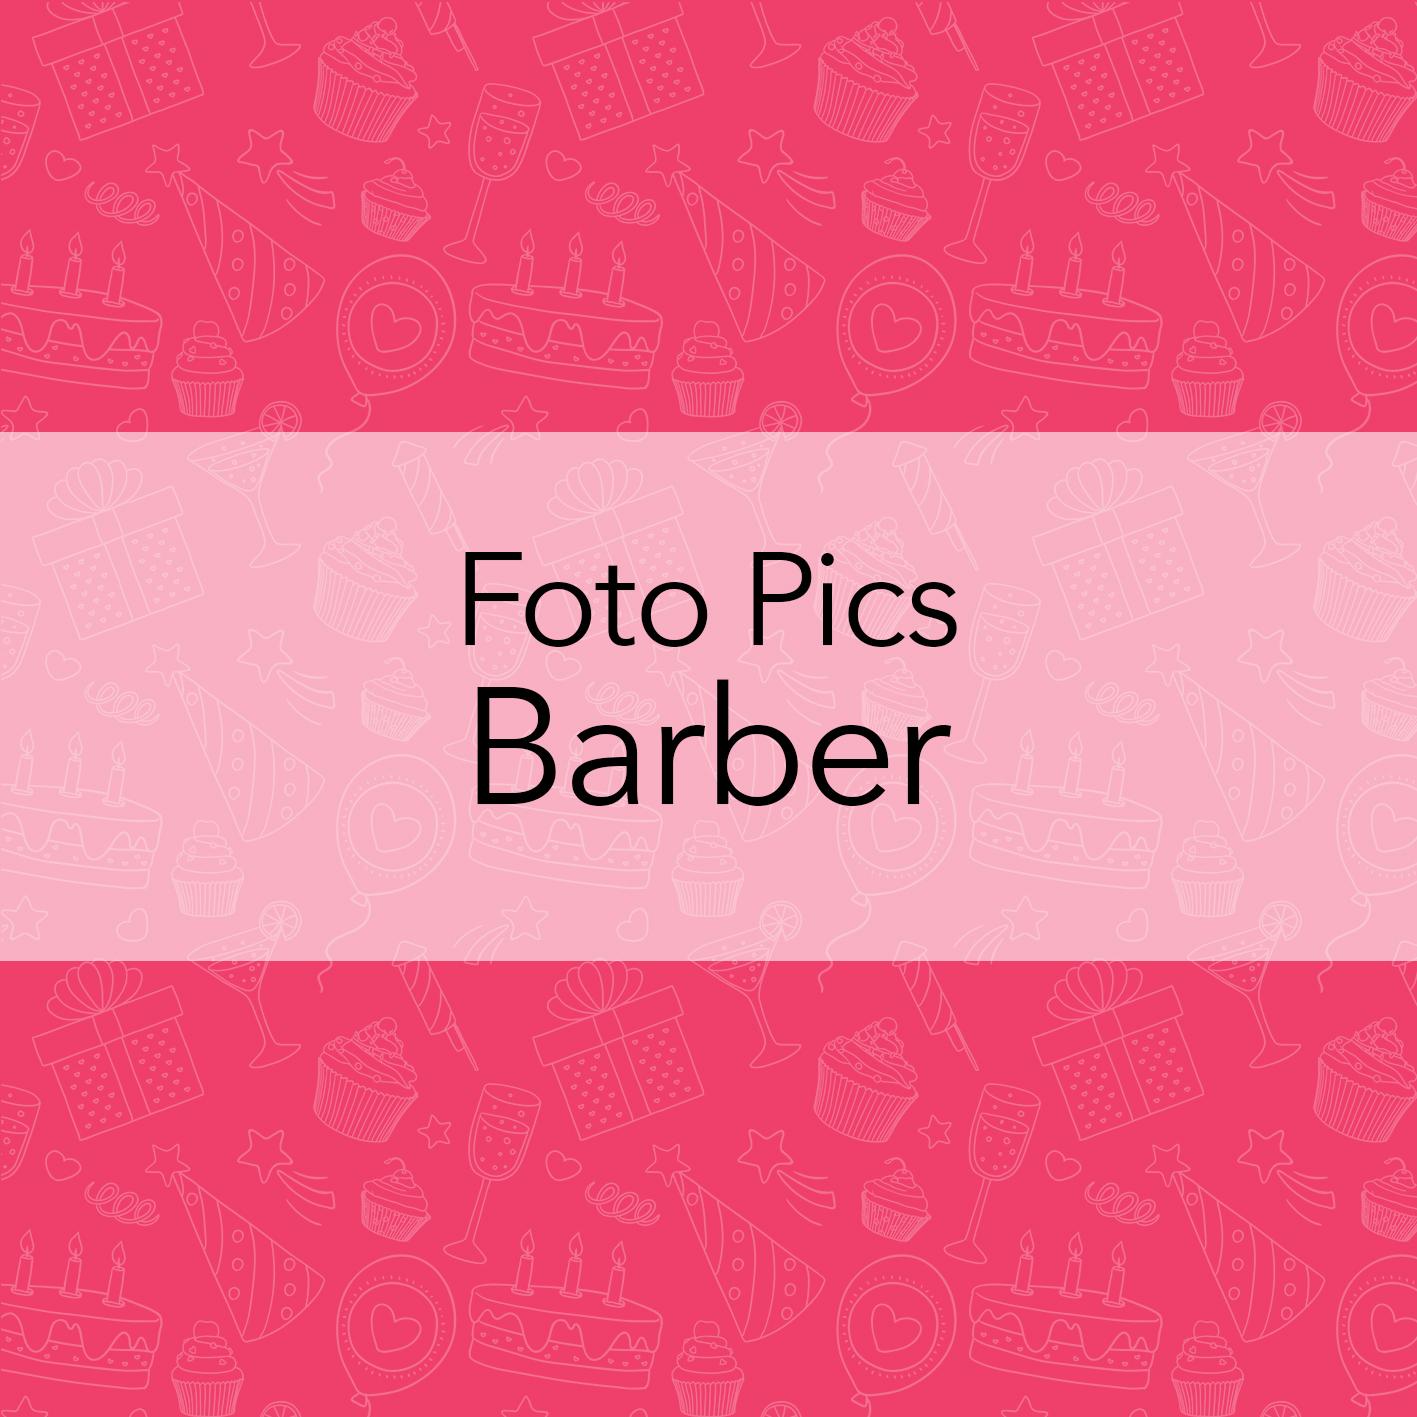 FOTO PICS BARBER